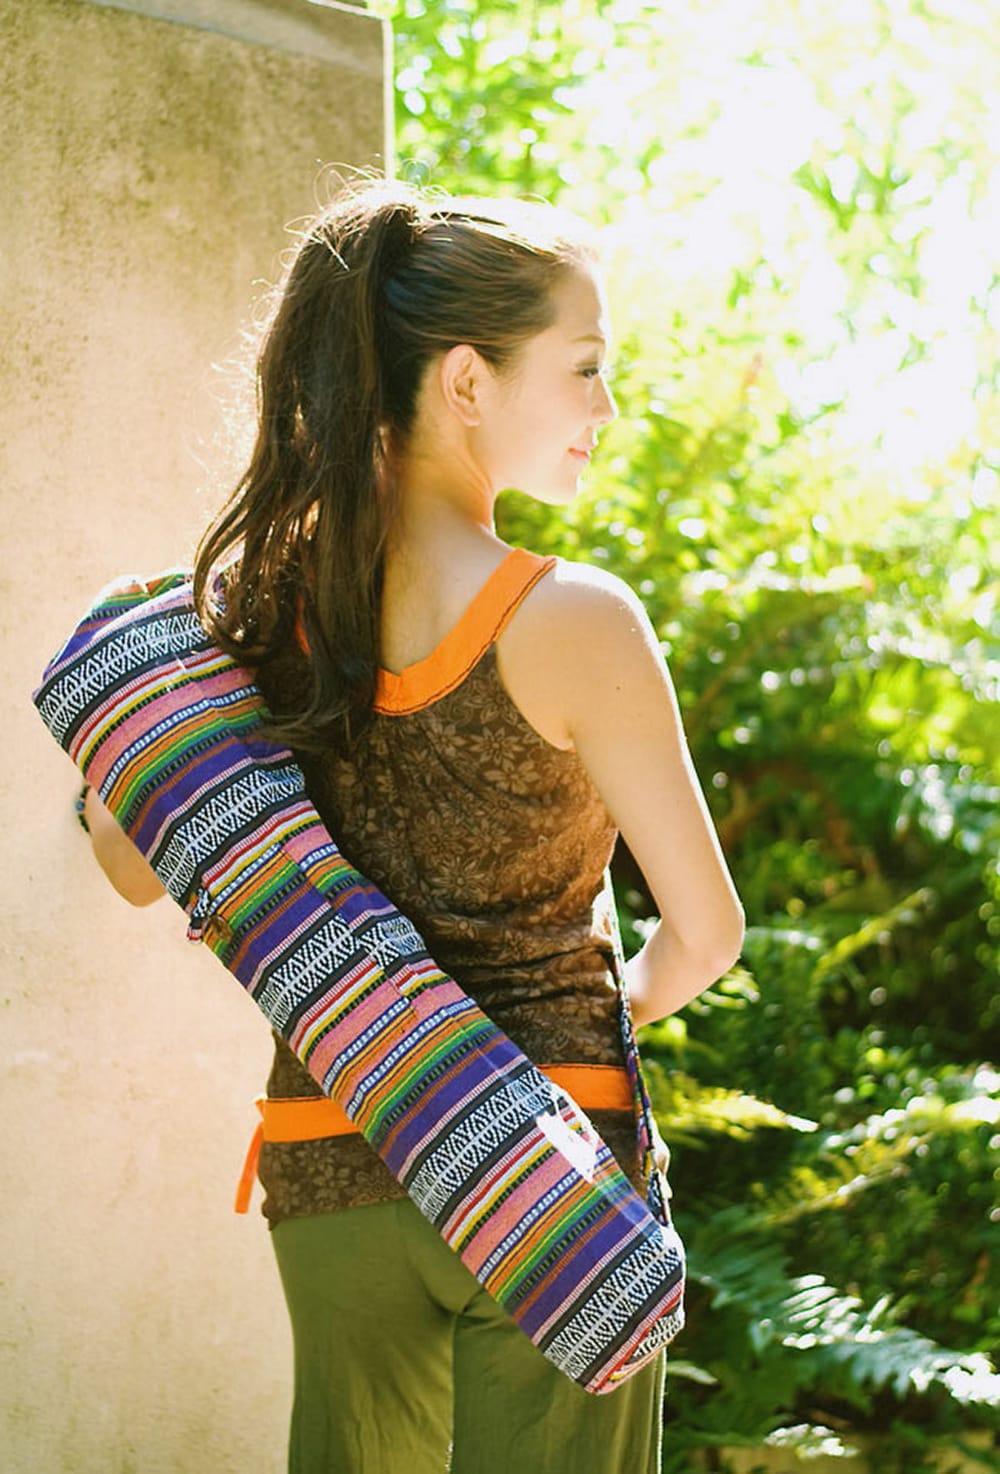 [ジッパータイプ]ネパール織り布のヨガマットバッグ 8 - ヨガを楽しくHAPPYに!